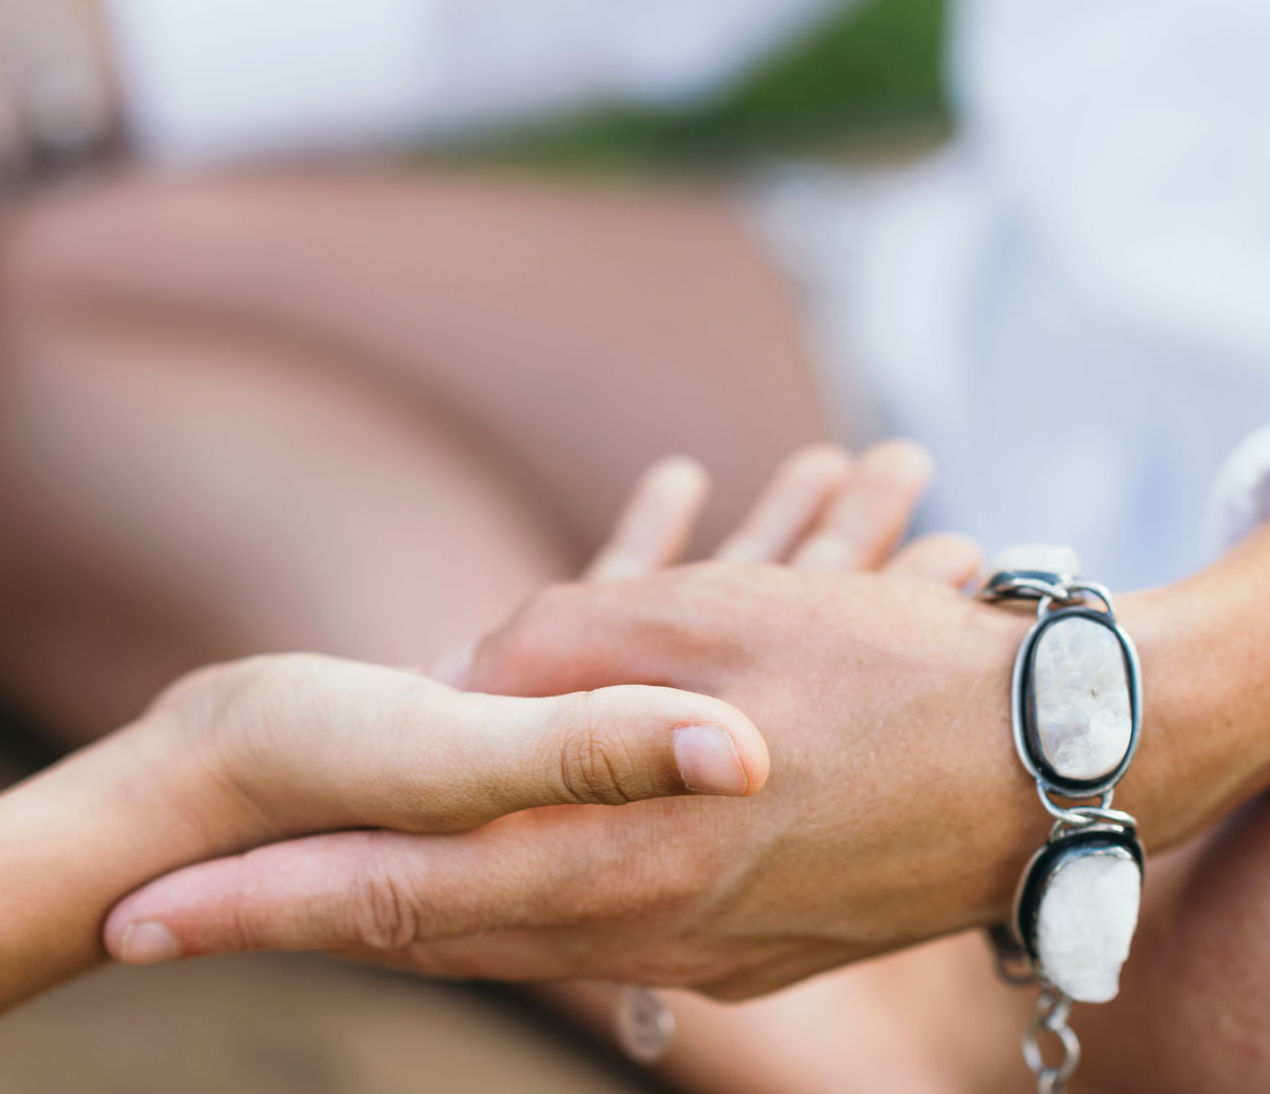 állapotfelmérés, passzív terápiák, életmódváltó program, testelixir Klub